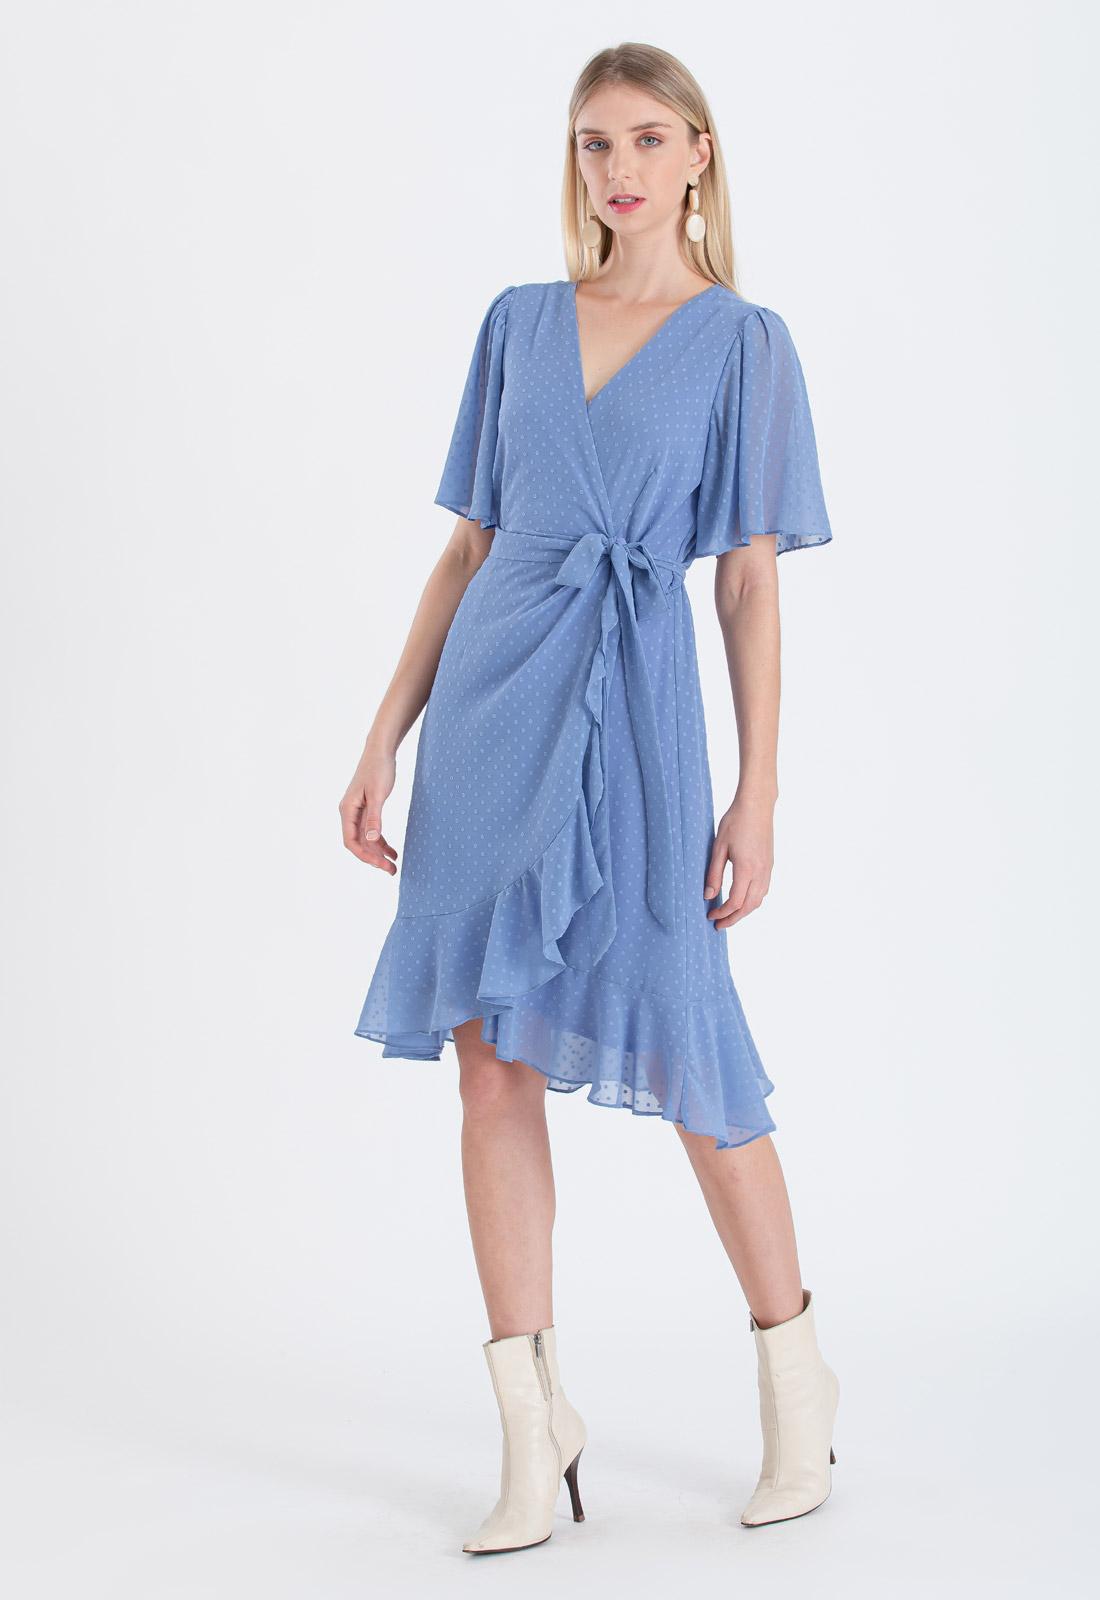 Vestido chemise cachecouer azul niagara transpassado ref. 2673